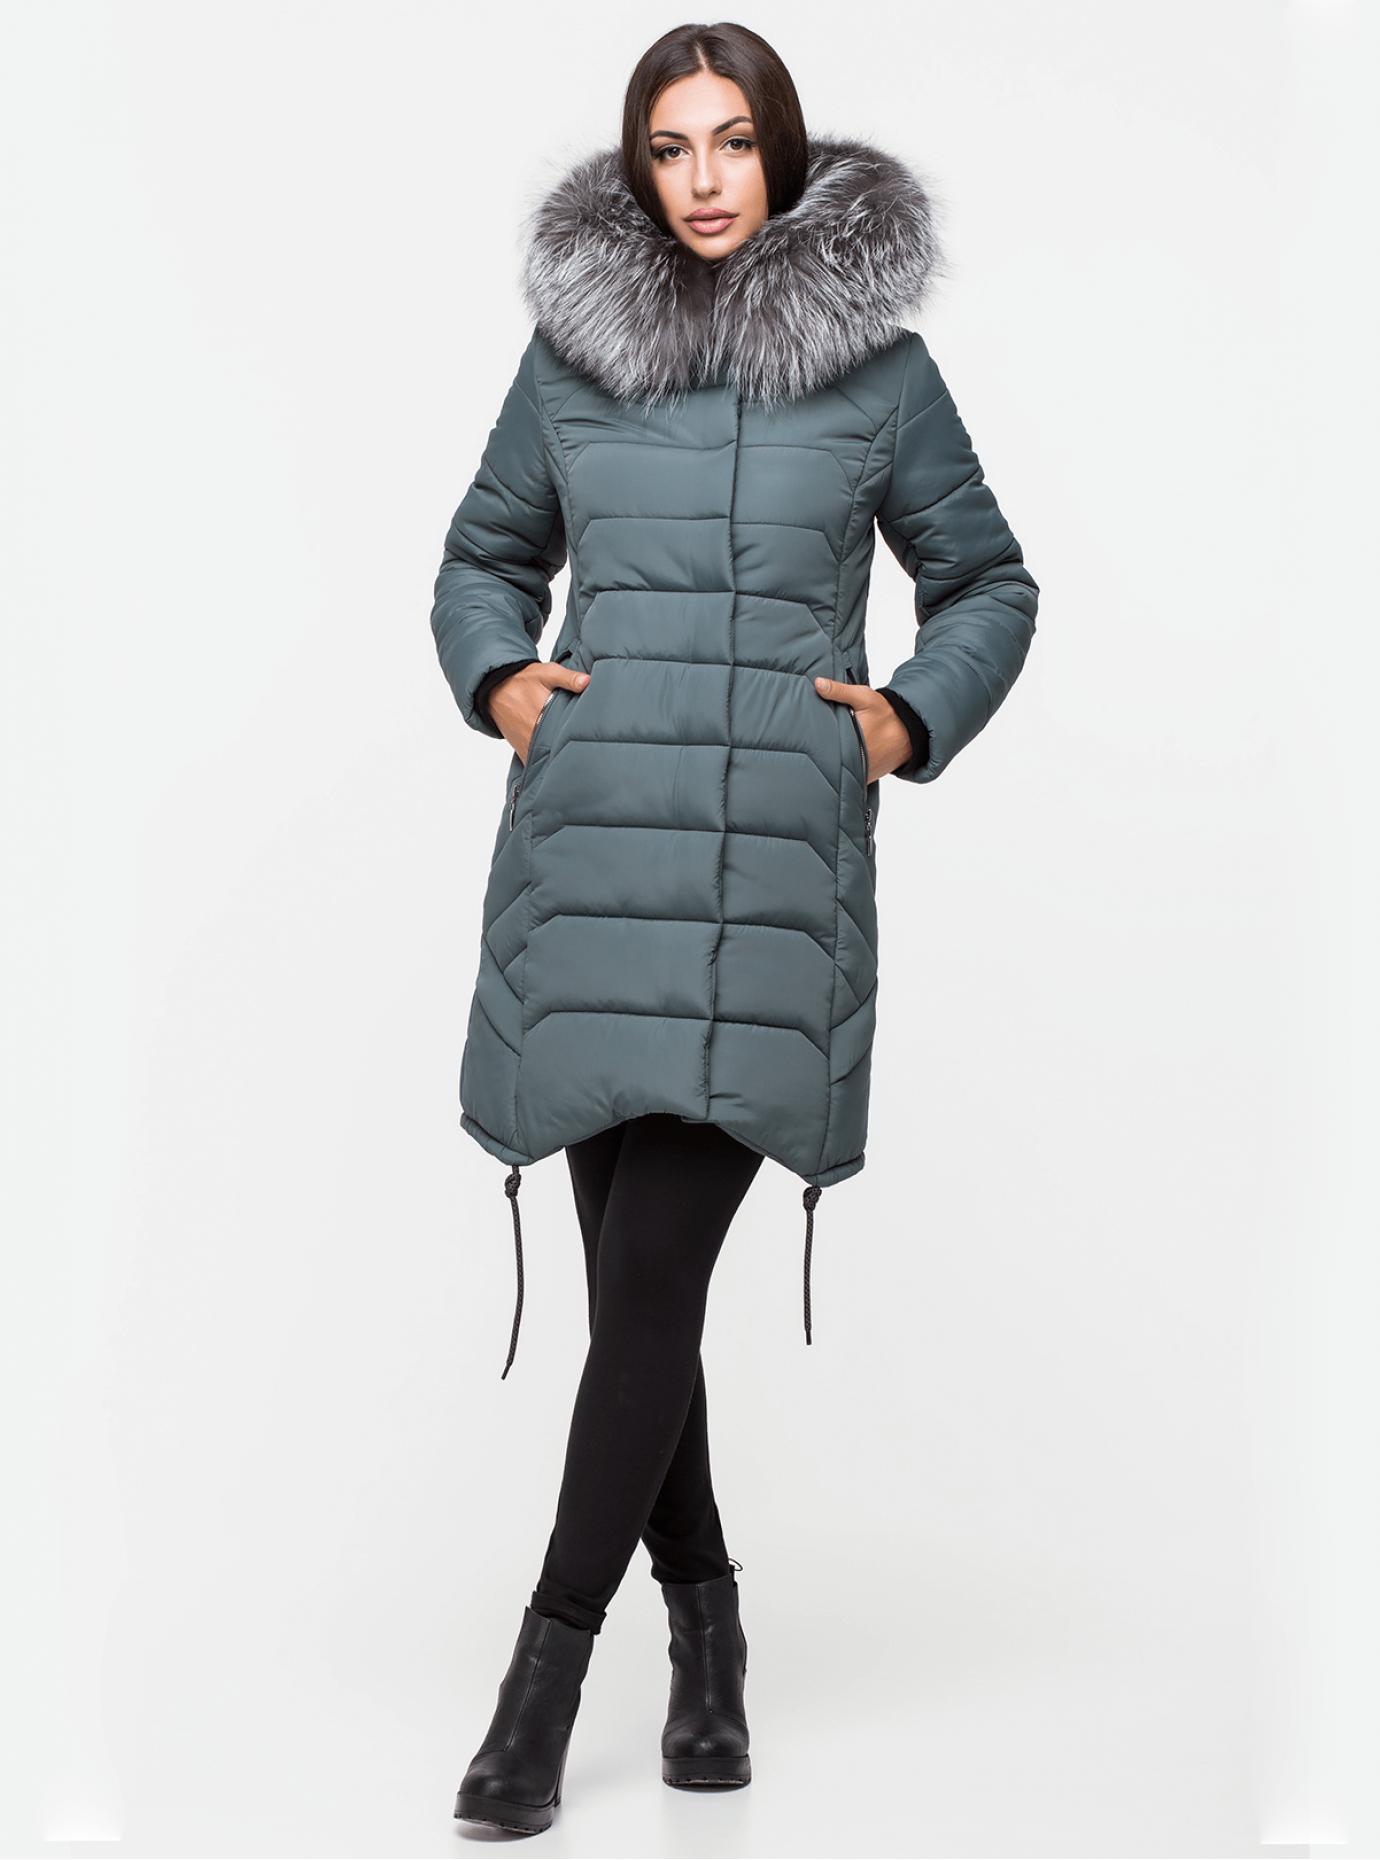 Куртка зимняя стеганая с мехом чернобурки Серо-зелёный 44 (03-P19074): фото - Alster.ua